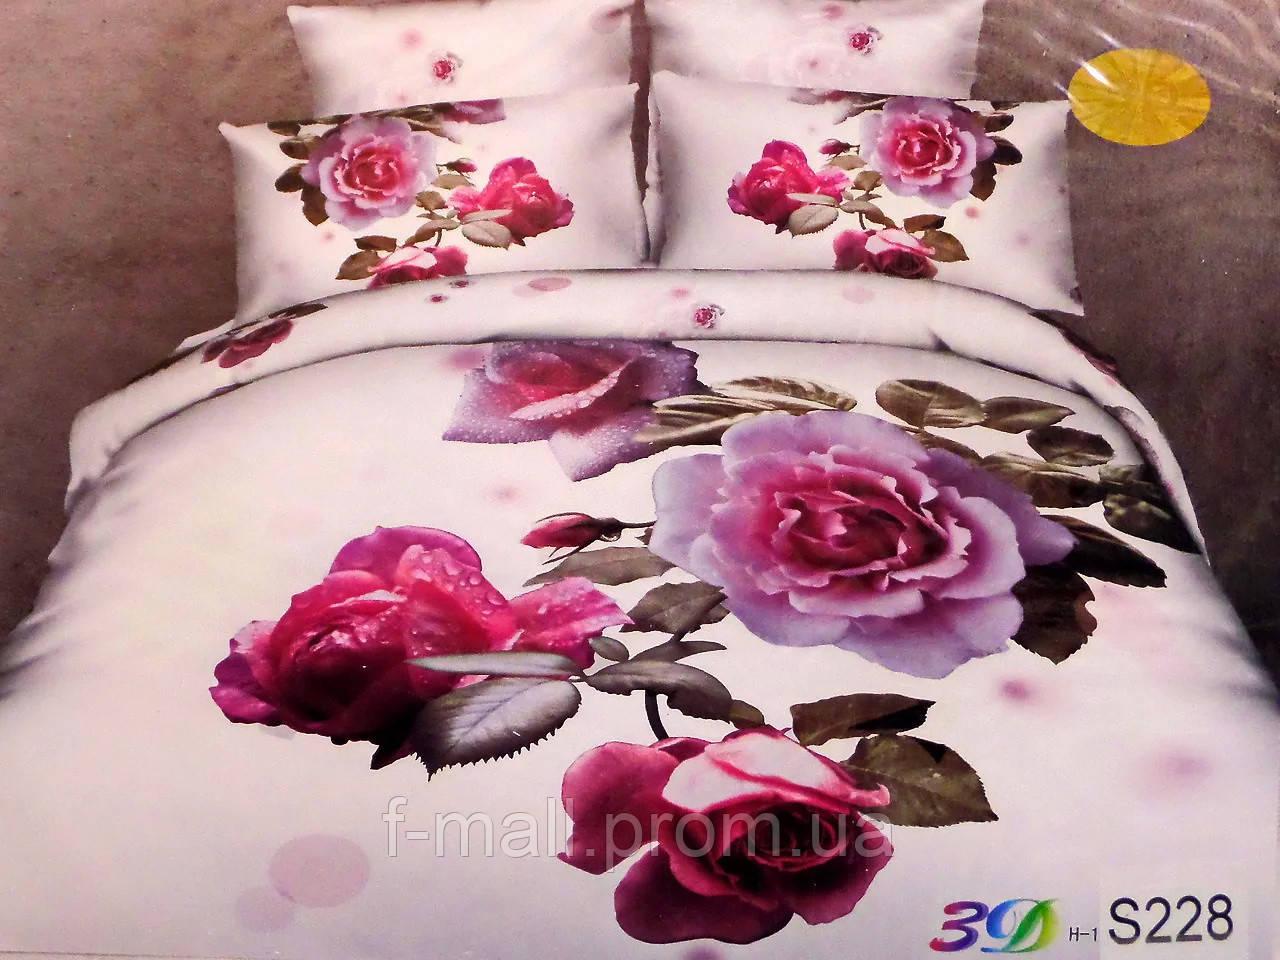 Комплект постельного белья ELWAY (Польша) 3D LUX Сатин Евро Подарочная упаковка (228)